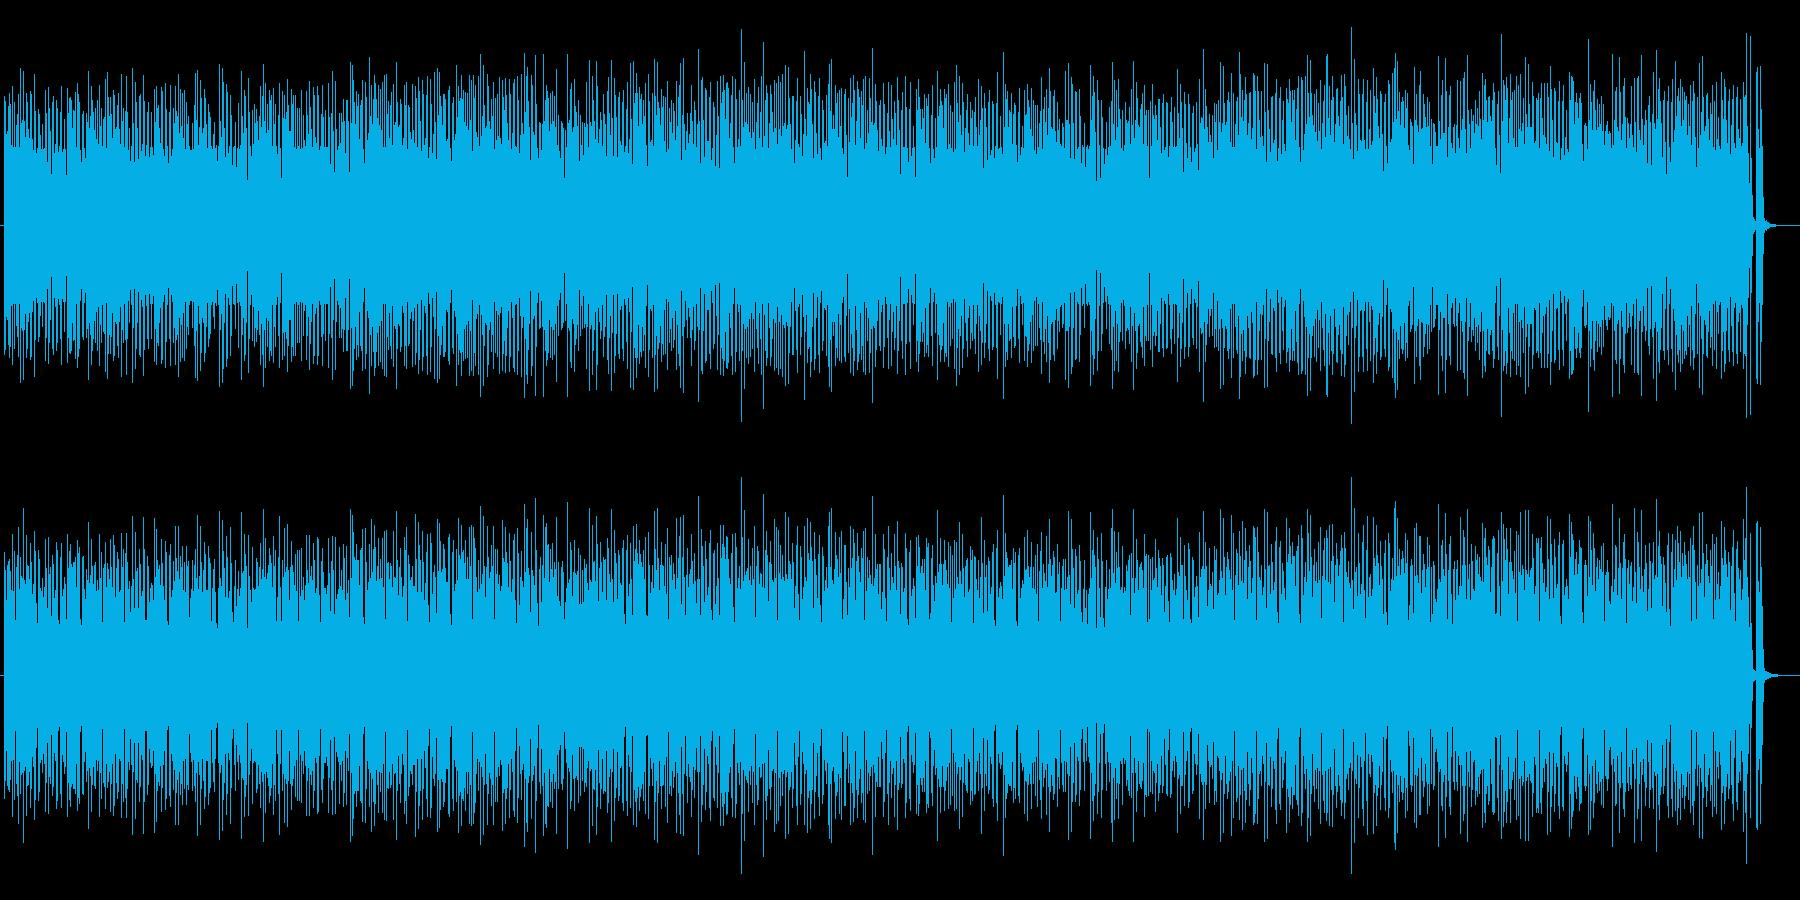 未来的なラテンミュージックの再生済みの波形